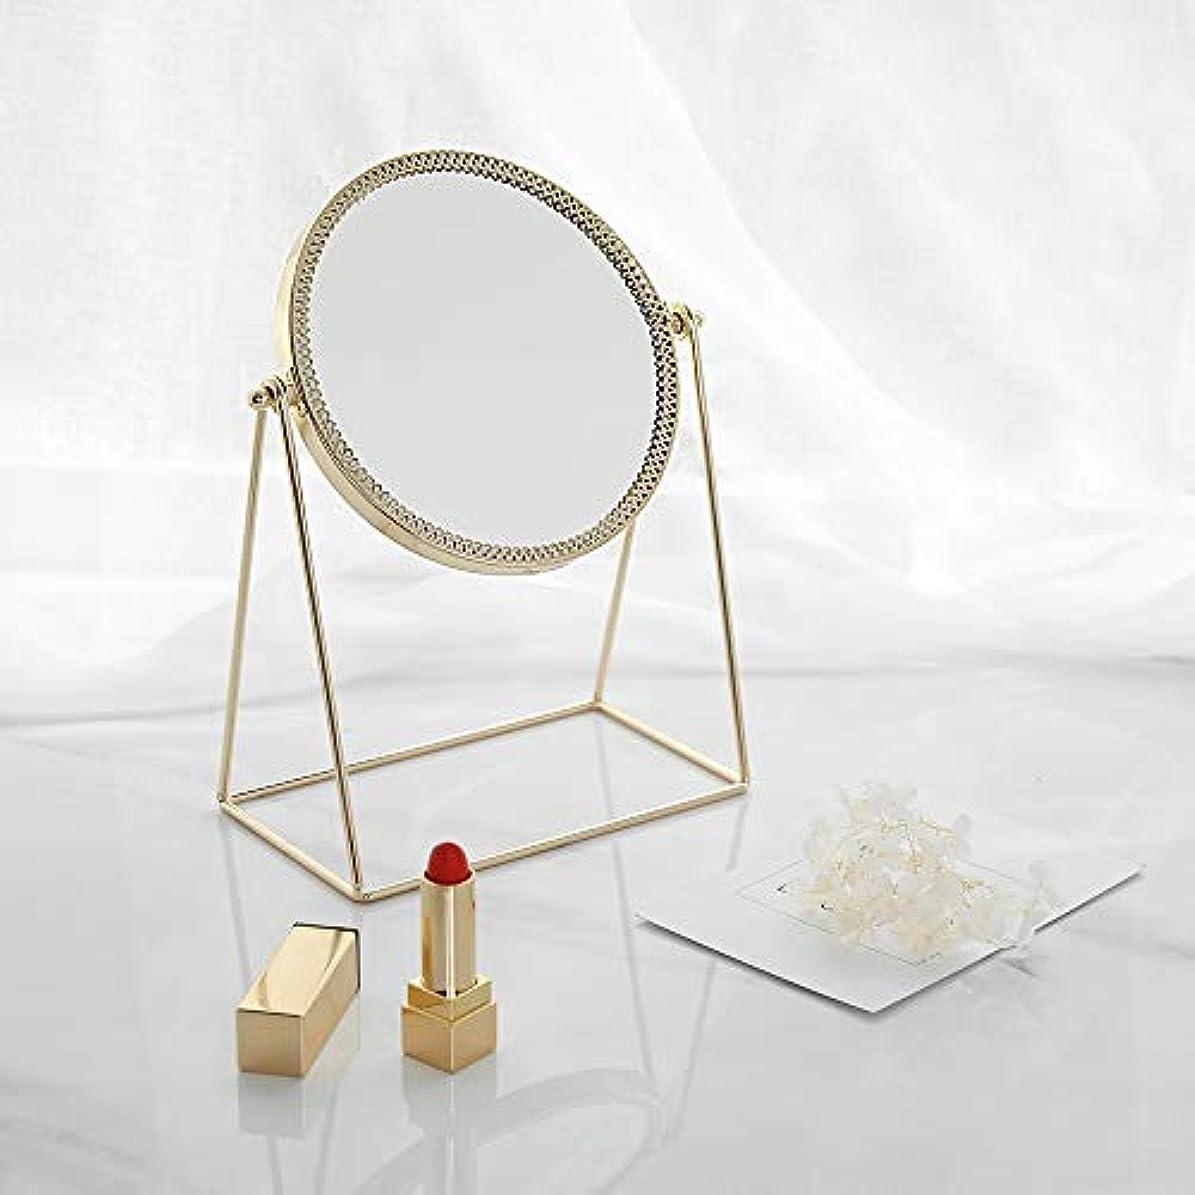 地元若いゲートウェイ流行の 現代の創造性ゴールドラウンドアイアンフレーム+ミラーデスクトップミラー/化粧鏡